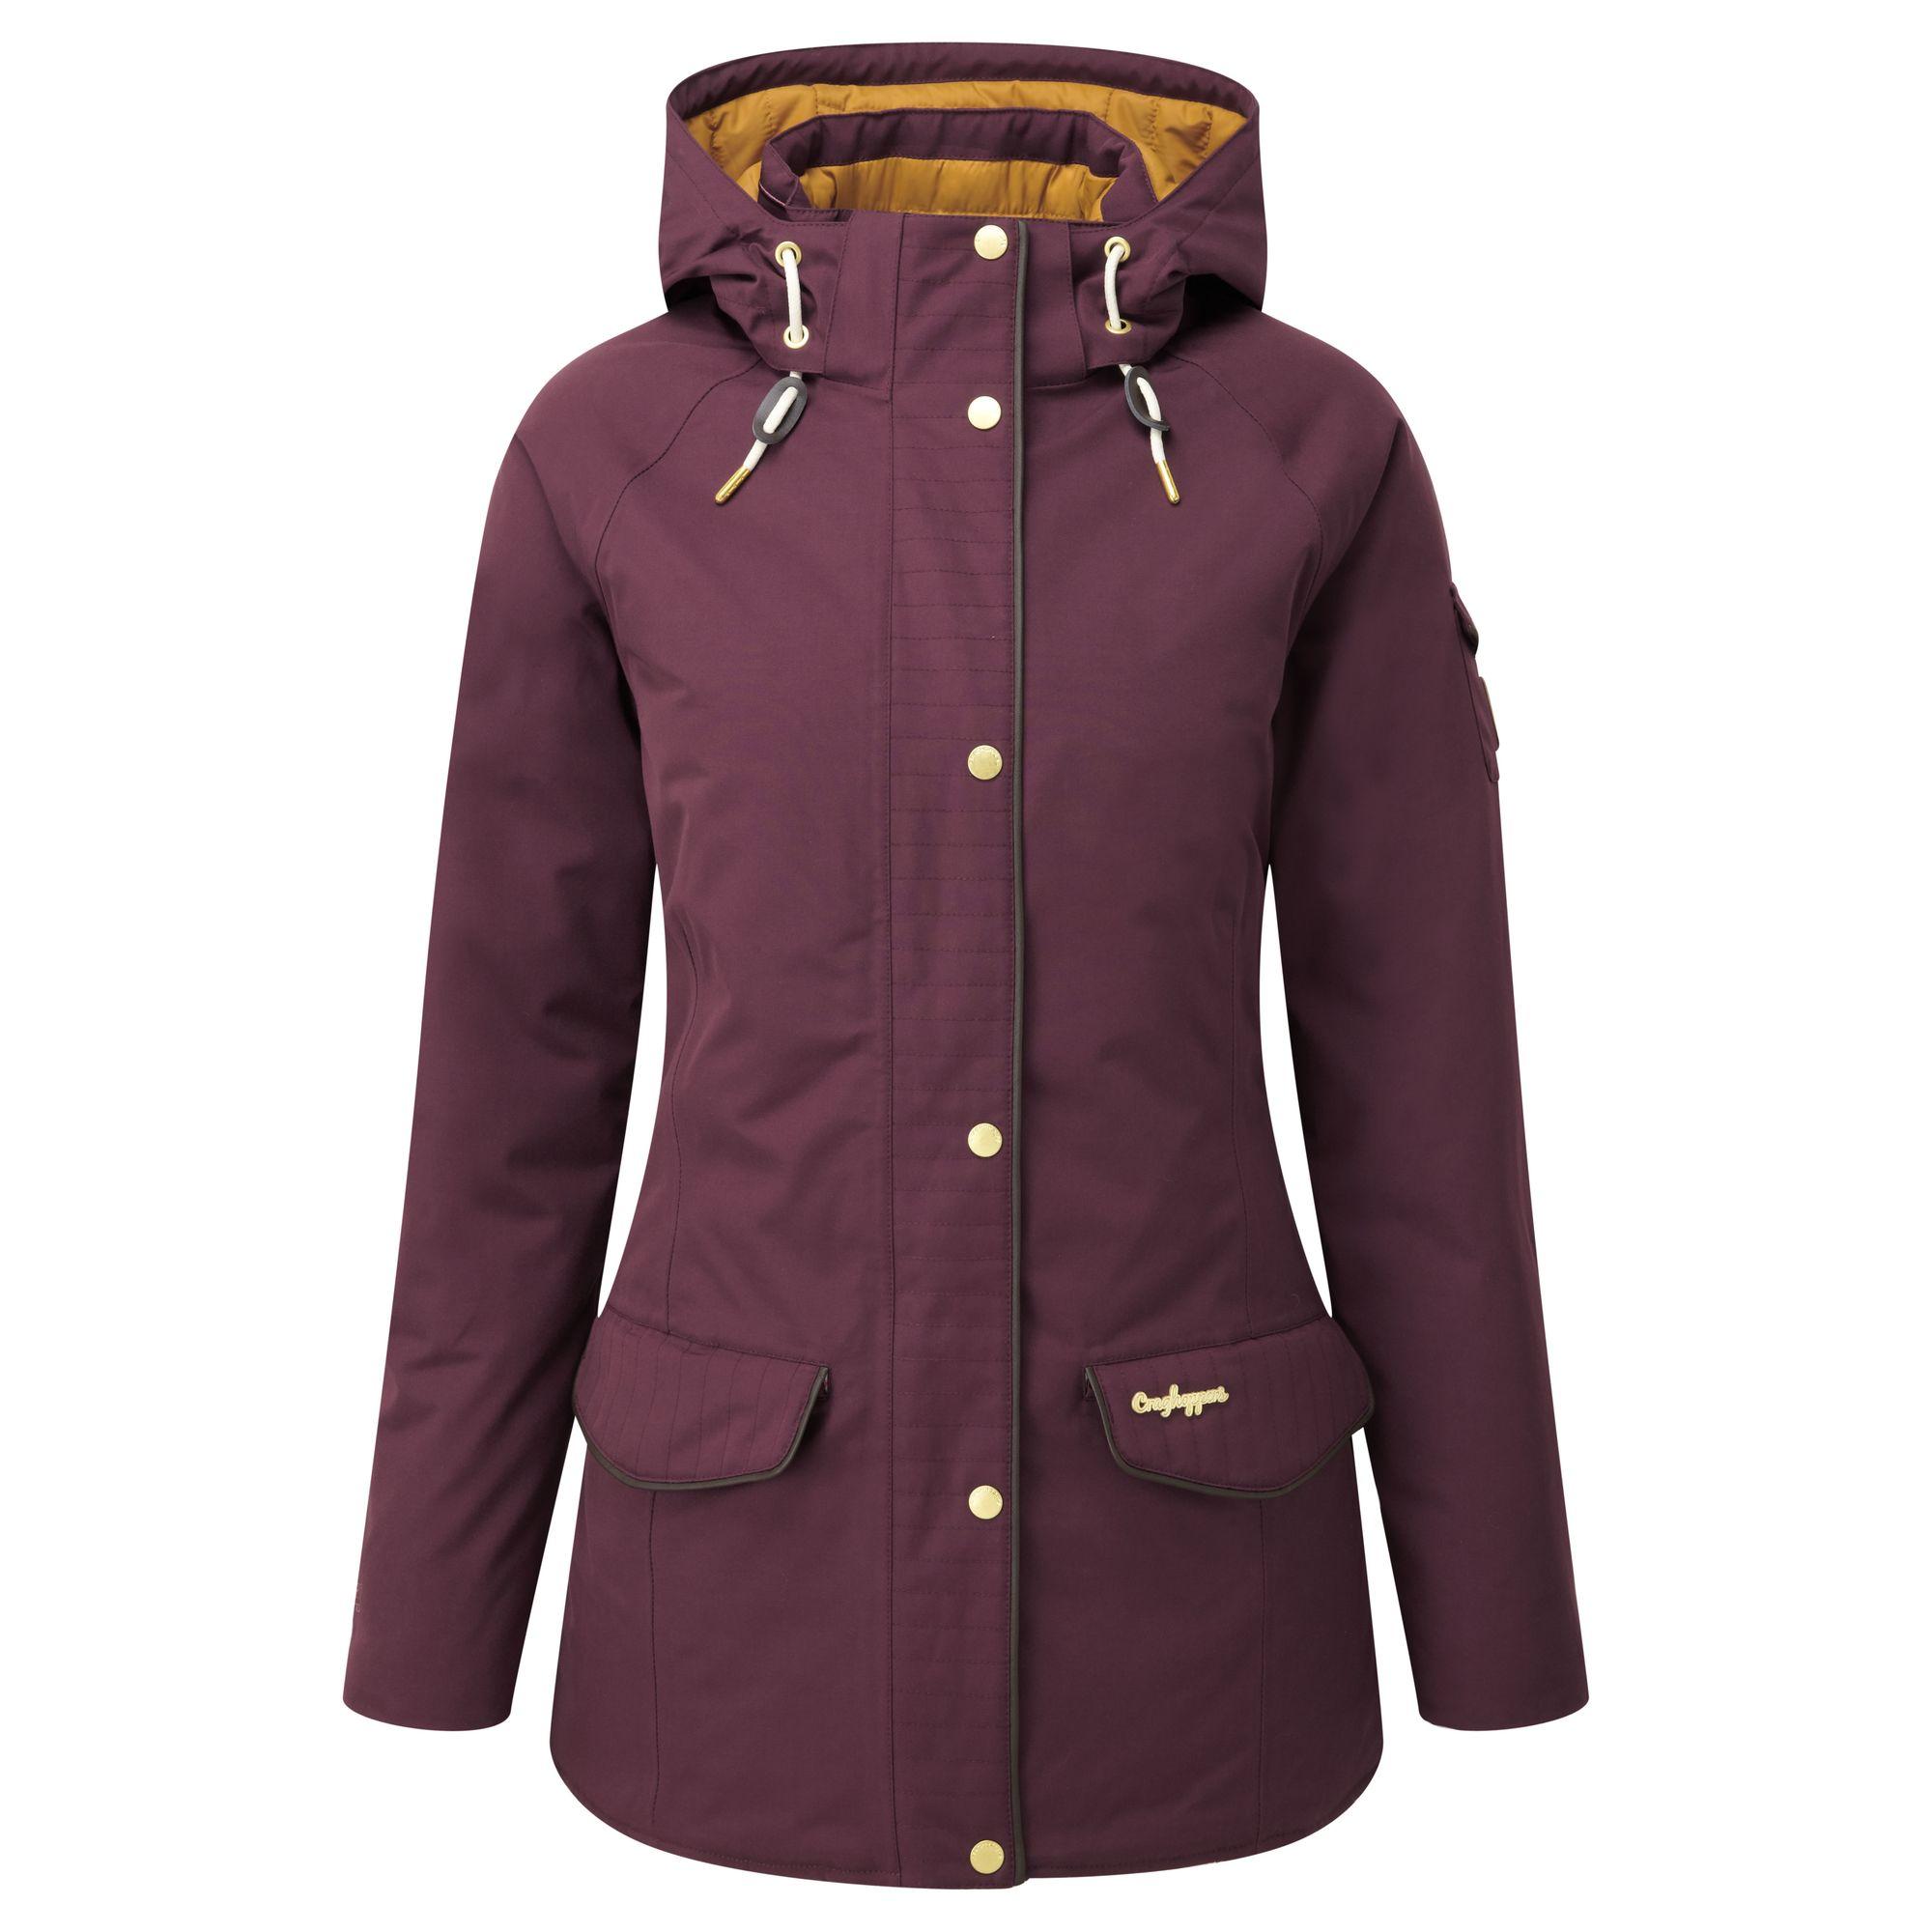 Craghoppers Womens/Ladies 250 Hooded Waterproof Winter Jacket